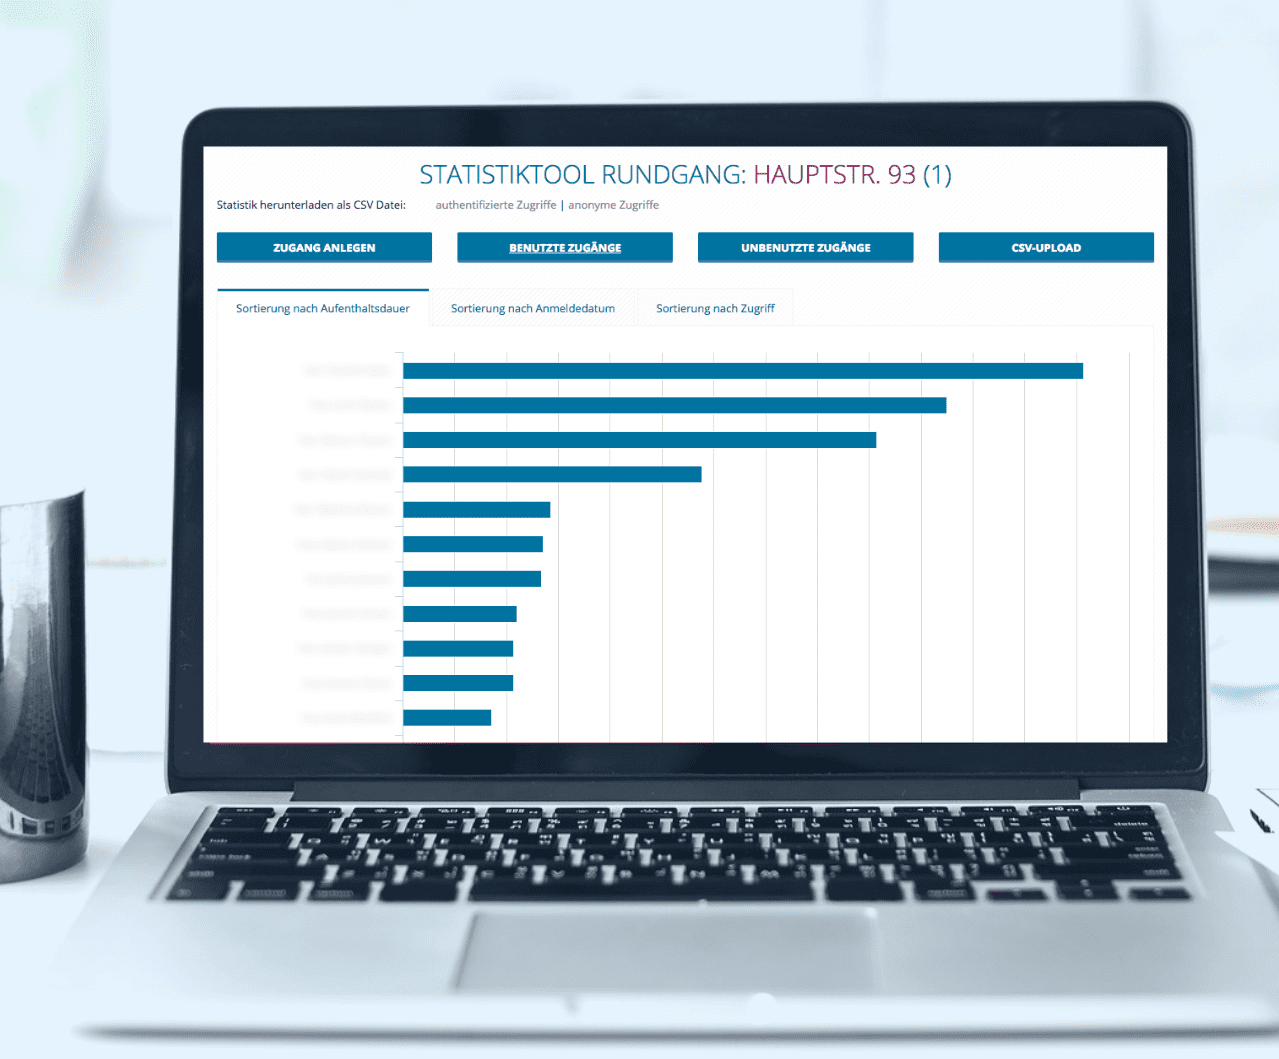 Ogulos Statistiktool gewährt Ihnen tiefe Einblicke in die virtuellen Rungänge ihrer Interessenten